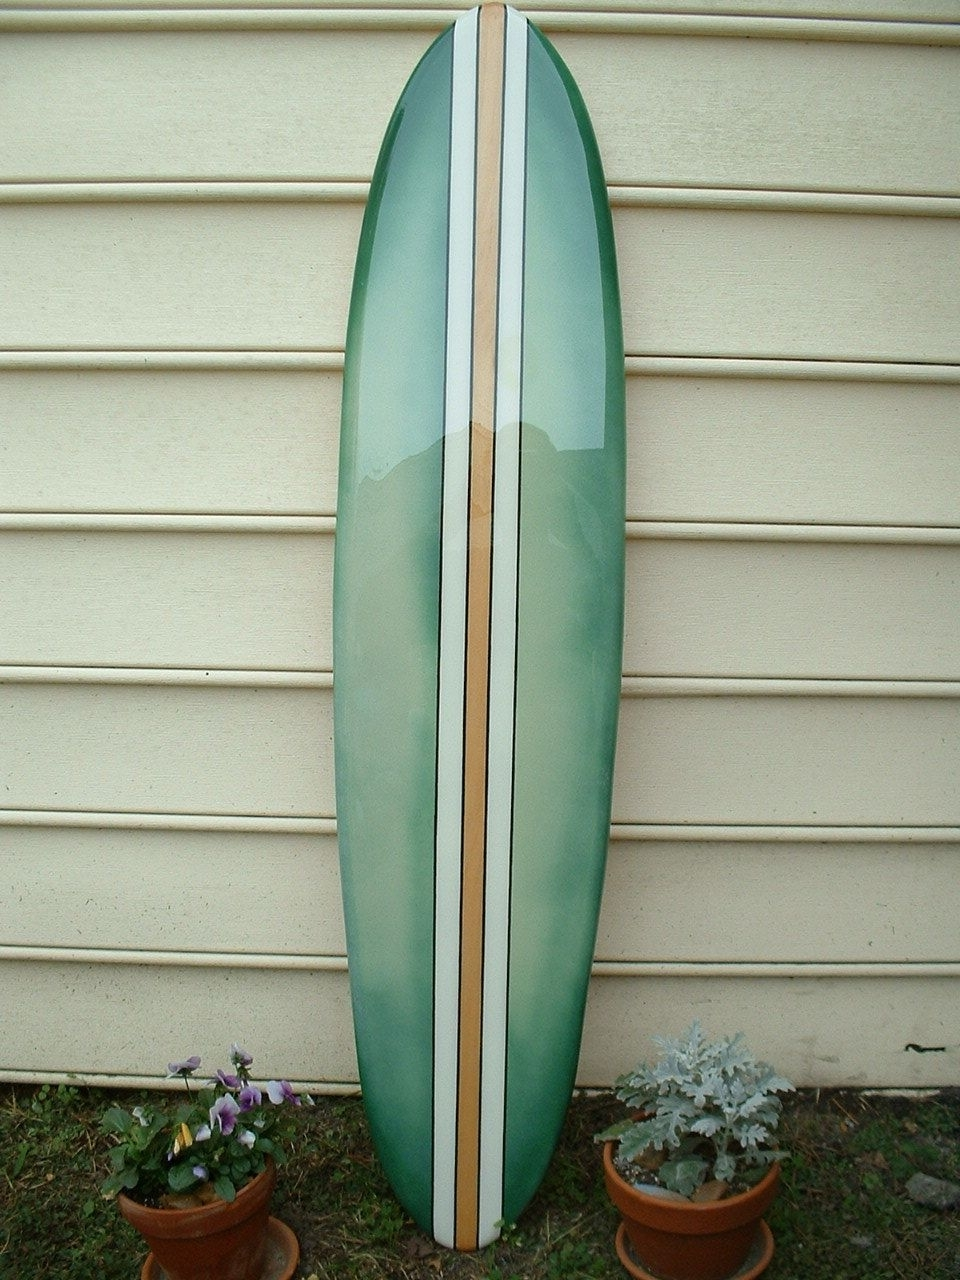 Surfboard Wall Art Intended For 2018 Surfboard Wall Art,beach Decor, Faded Green Hawaiian Surfboard Wall (View 10 of 15)